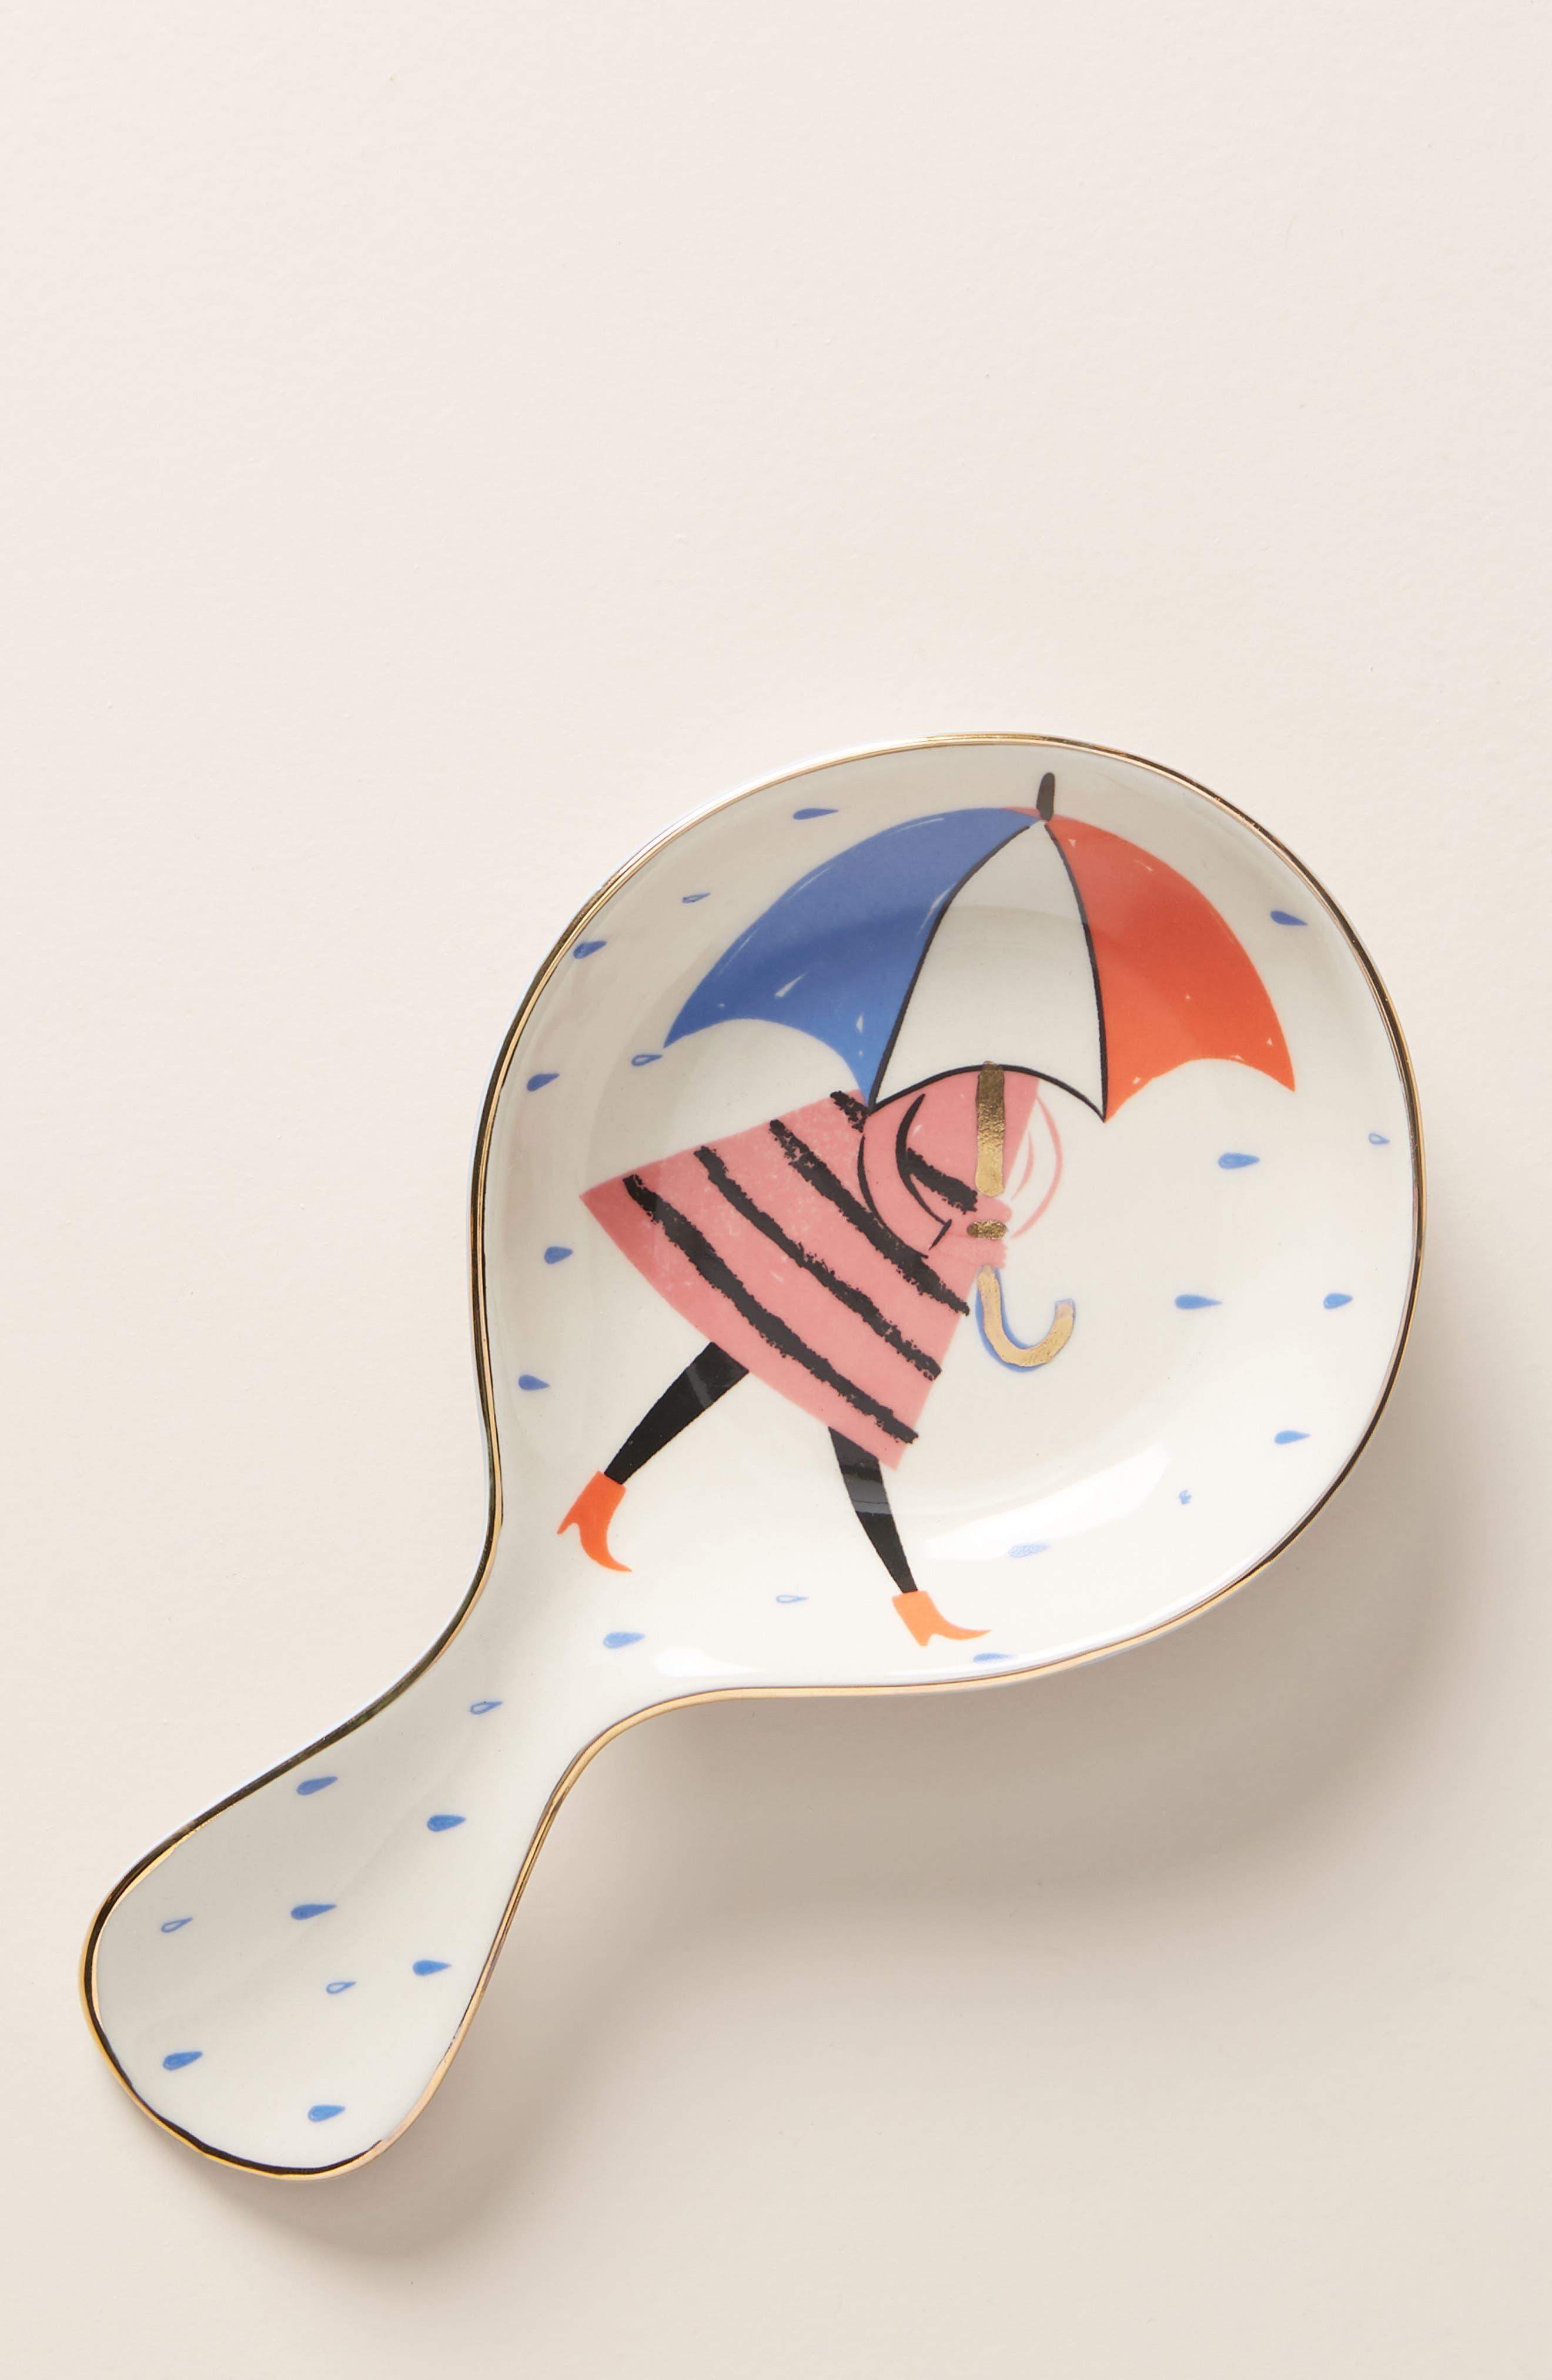 ANTHROPOLOGIE,                             Libby VanderPloeg Spoon Rest,                             Main thumbnail 1, color,                             WHITE MULTI